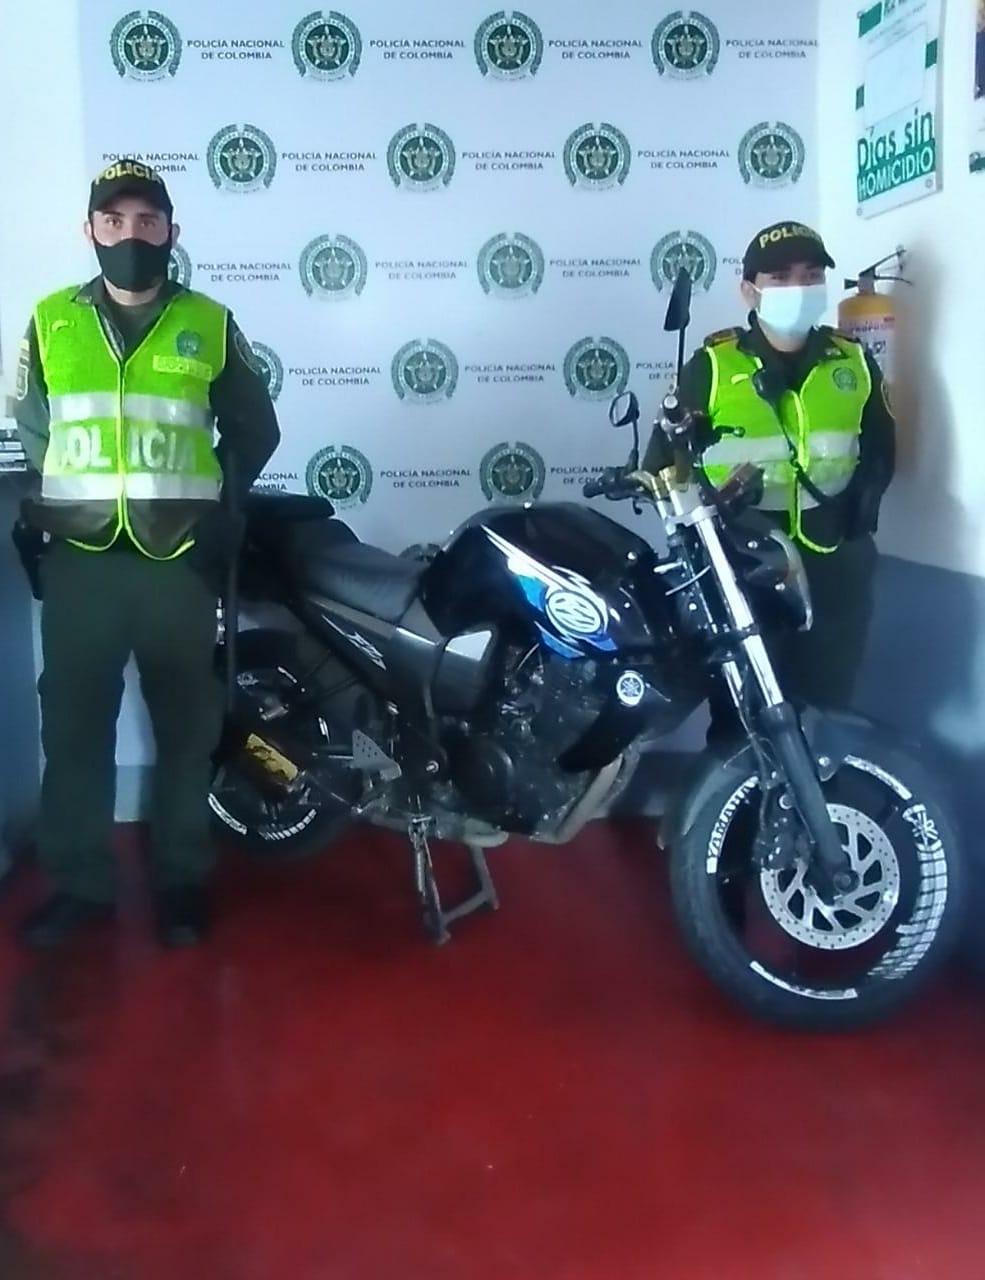 Policía recuperó dos vehículos y cuatro motos robadas en Cali, Bogotá, Facatativá e Ibagué